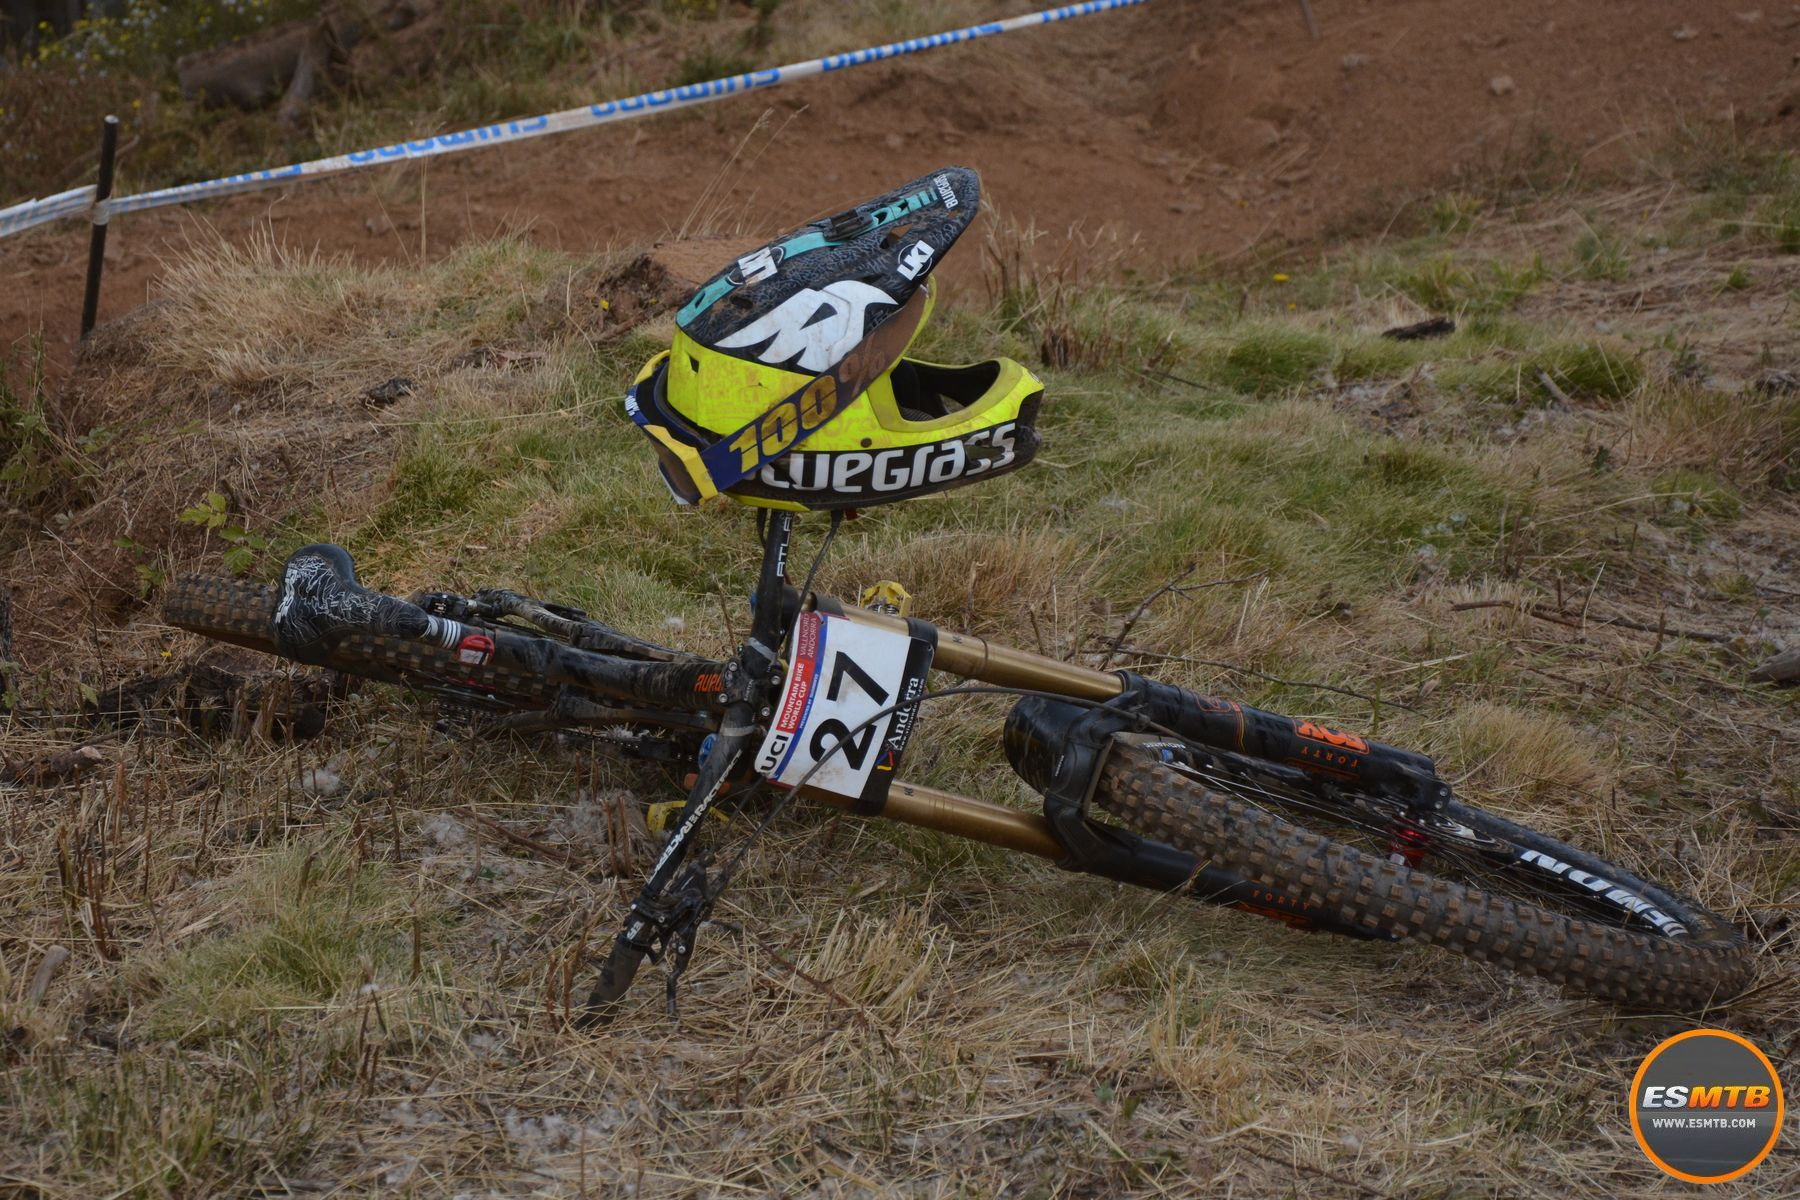 Así quedaba la bicicleta de Sam Blenkinsop tras su grave caída. El de Norco era evacuado en helicóptero.